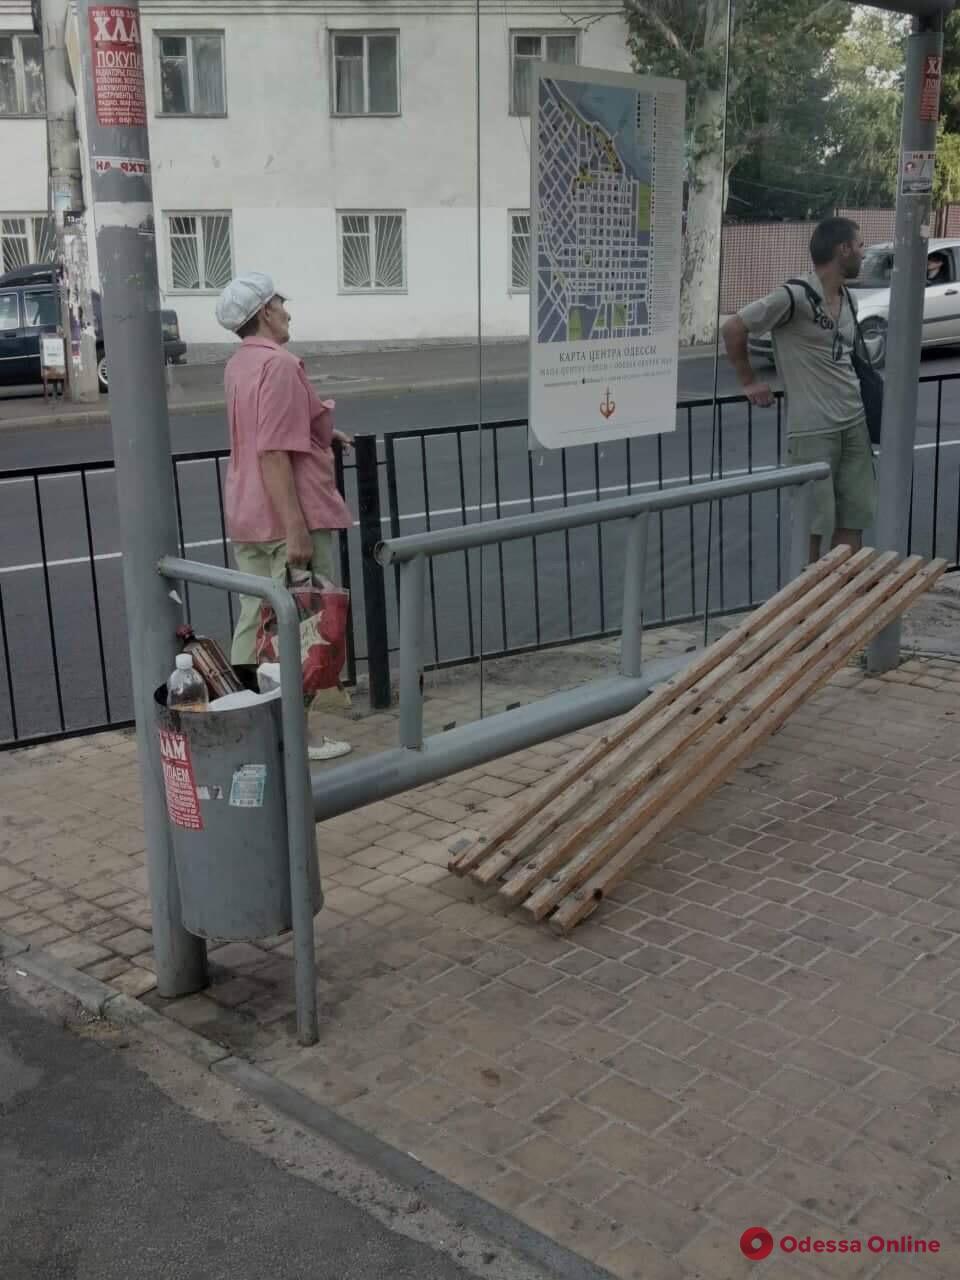 Вандалы повредили остановку на Фонтане в Одессе